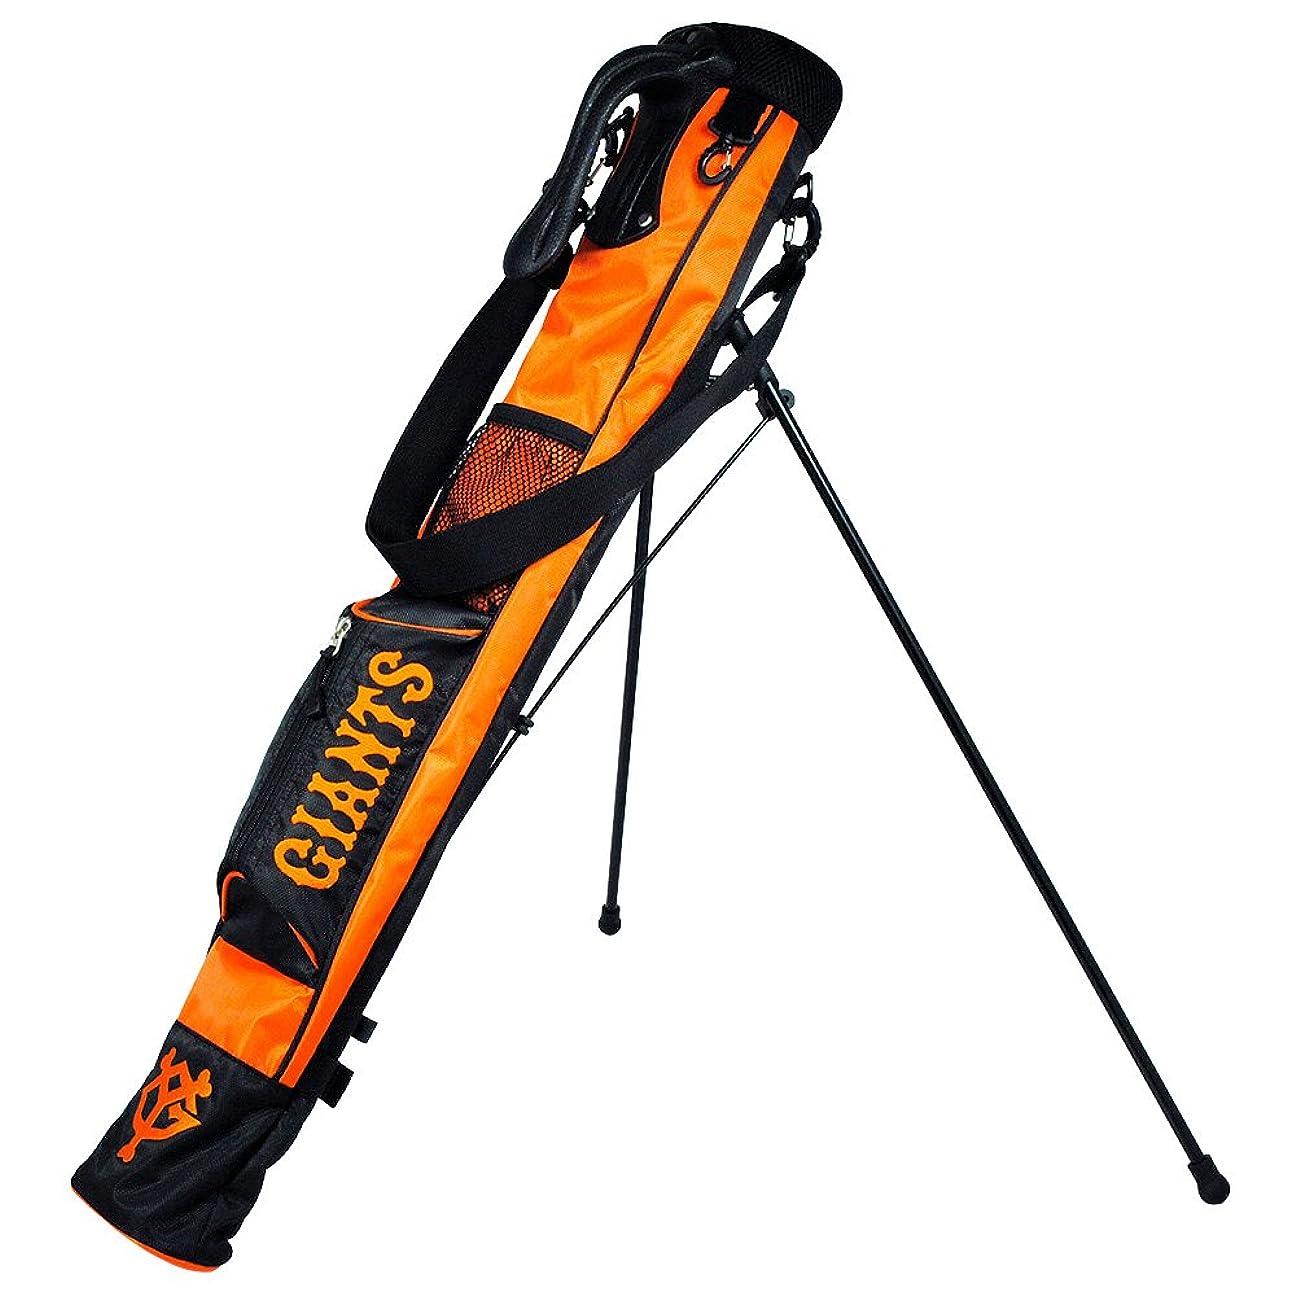 夜明けに会員スピーチLEZAX(レザックス) クラブケース 読売ジャイアンツ ラウンドスタンドバッグ  YGCC-7504 オレンジ×ブラック